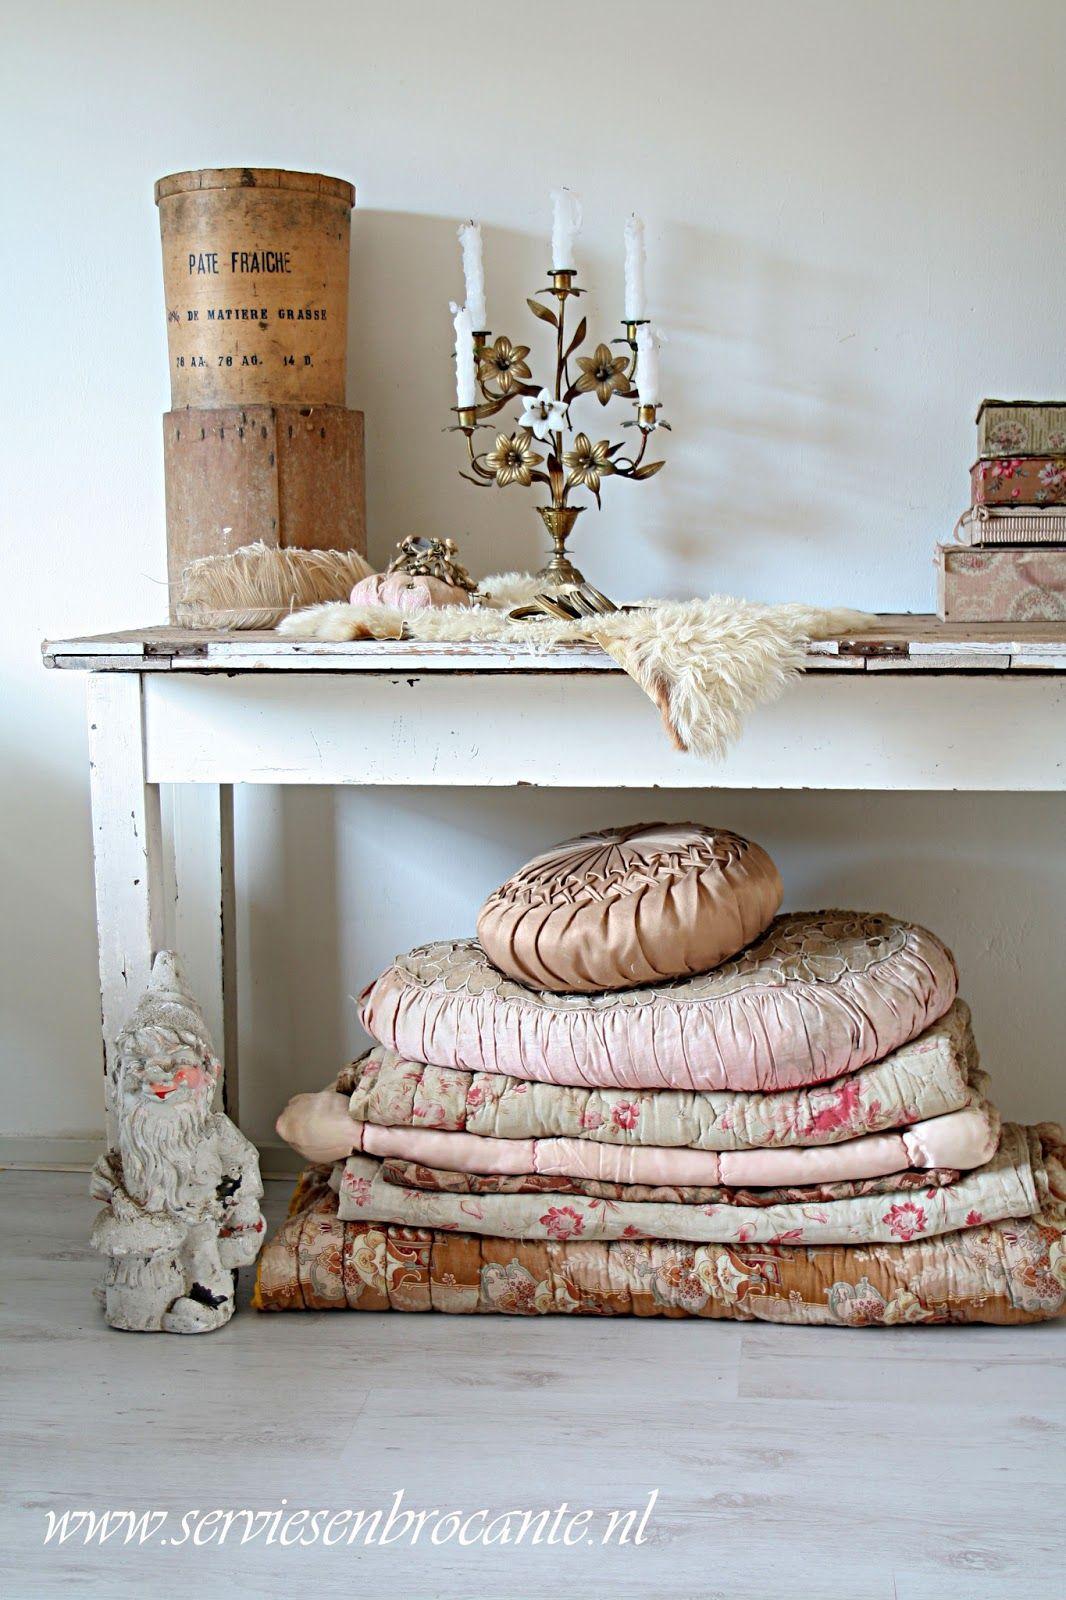 my livingroom http://www.facebook.com/serviesenbrocante?ref=